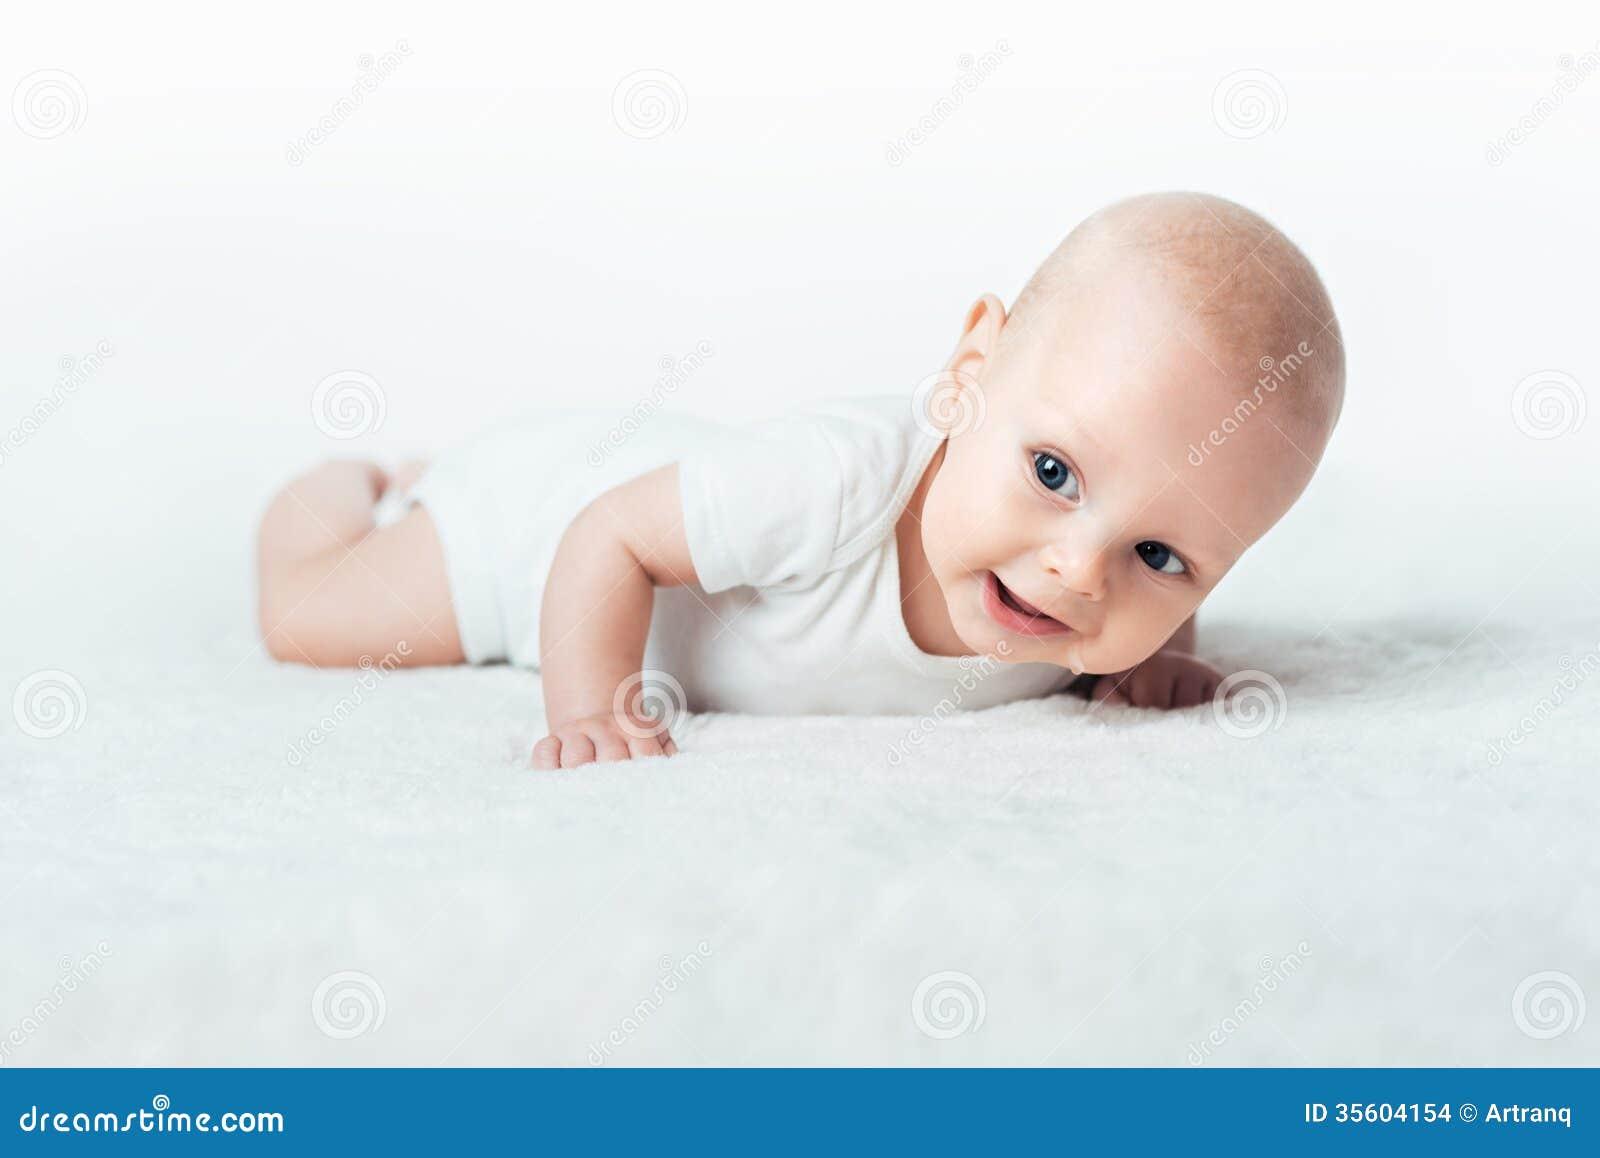 Kleines Baby Lächelt Auf Dem Teppich Stockbilder  Bild